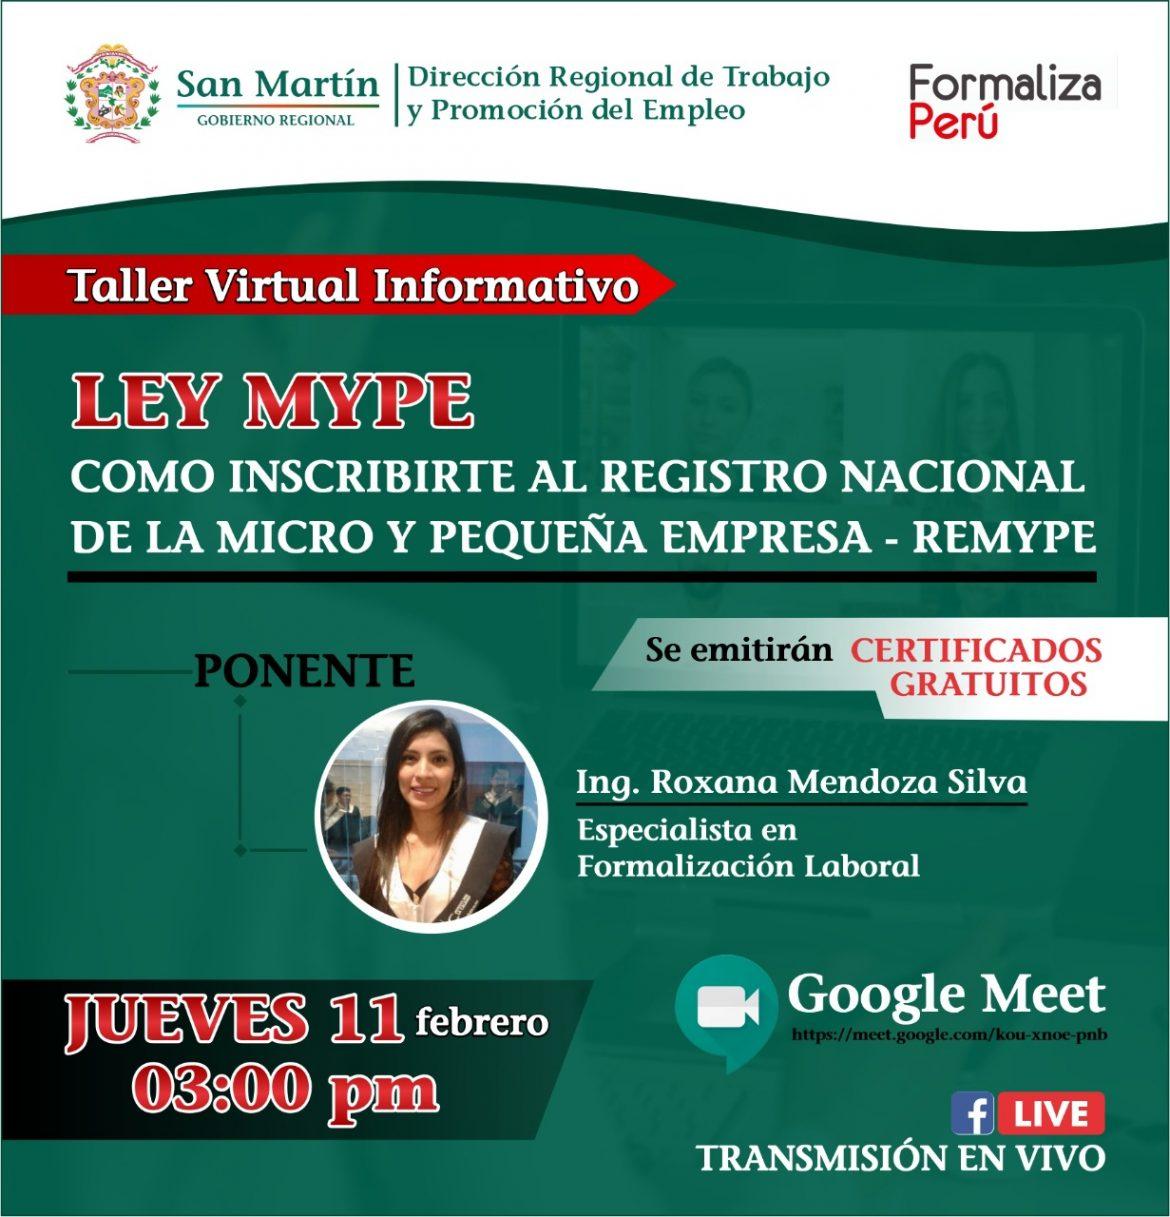 """Flayer del taller Online que está Organizando el Centro Integrado """"Formalizar Perú"""" el día jueves 11/02 a las 3:00pm a travez de la plataforma Google Meet y Fcebook Live"""